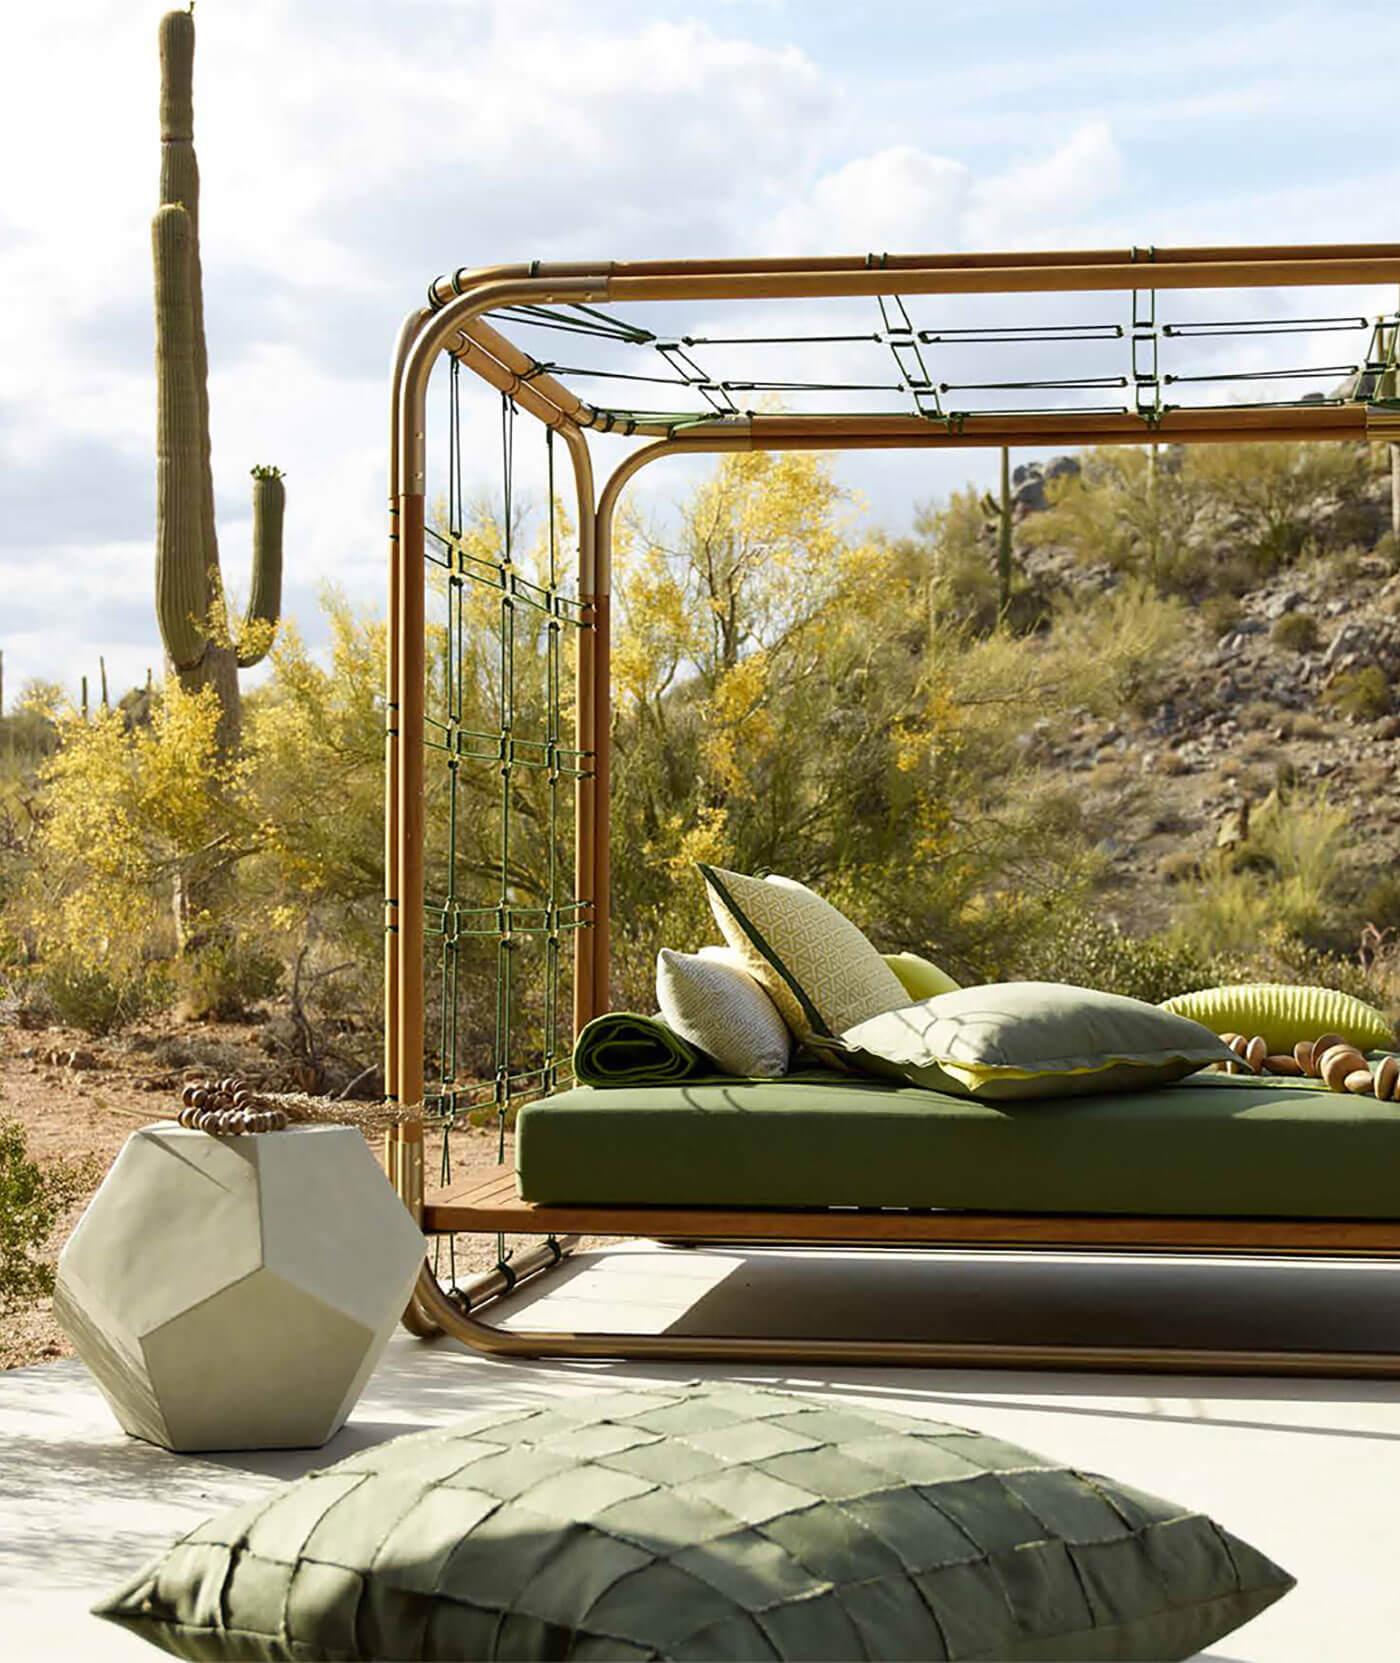 Lit Exterieur Design lit de jour extérieur   paja couturier en design d'intérieur